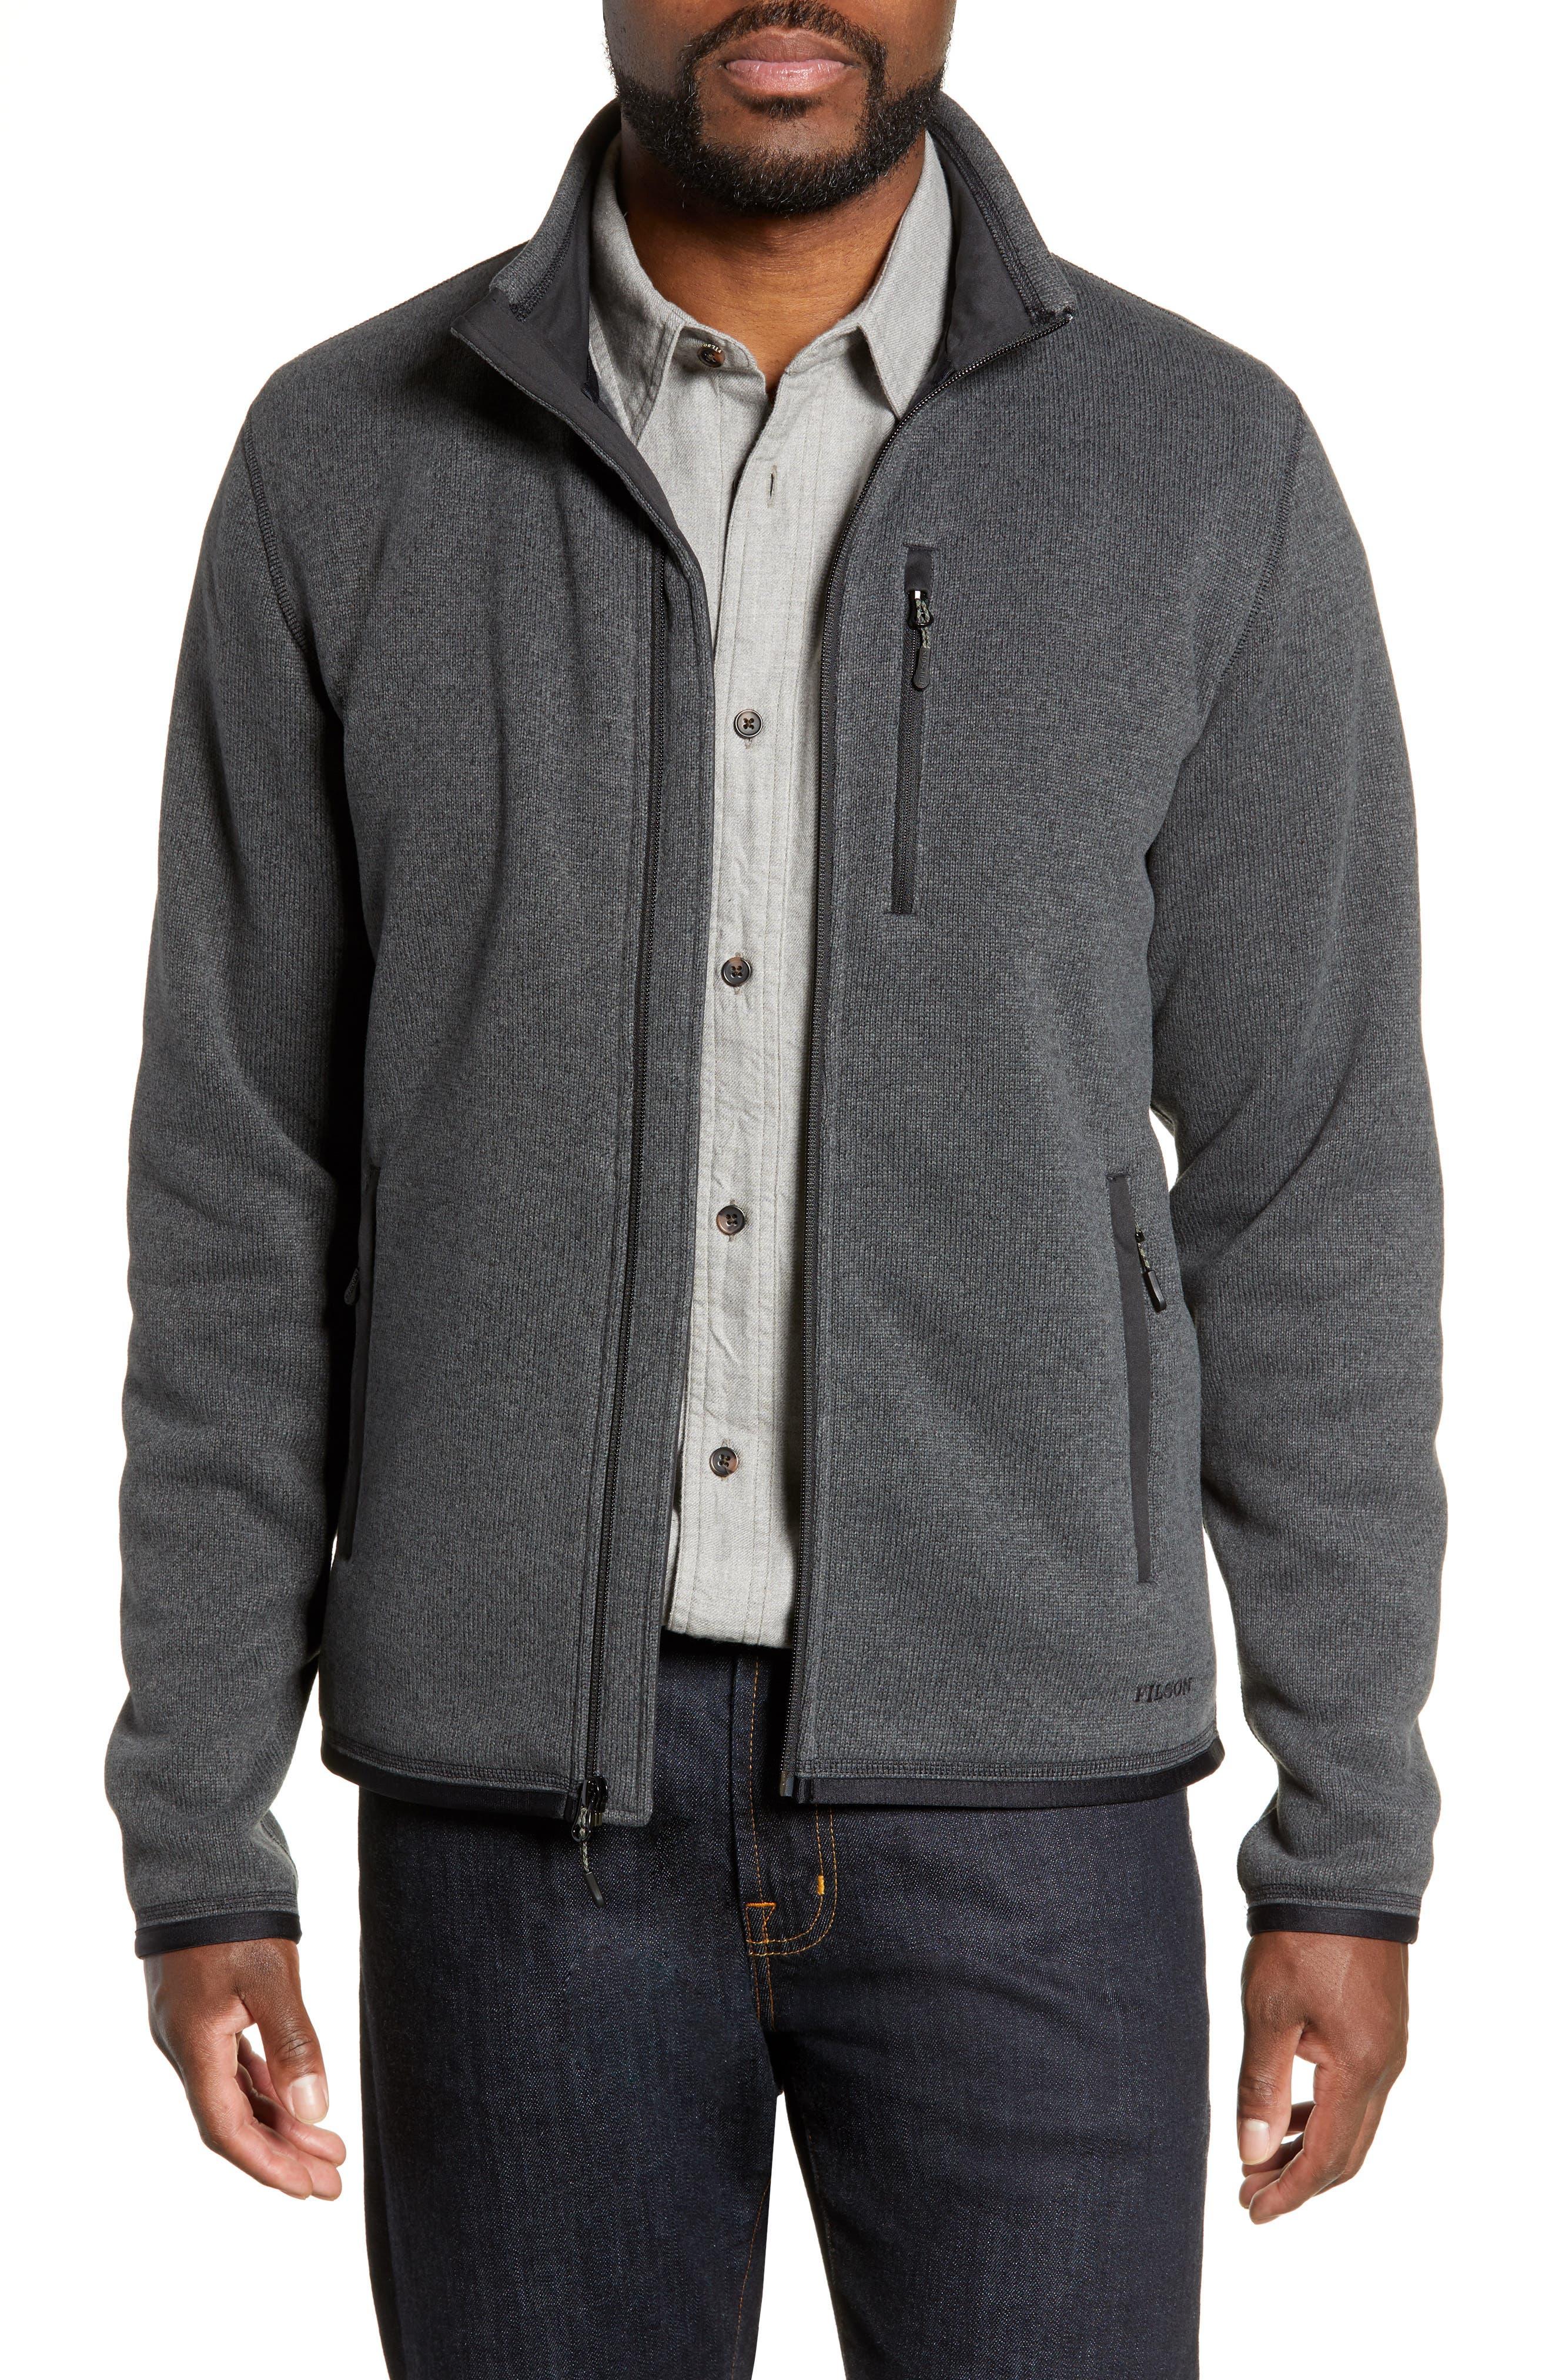 Ridgeway Polartec Fleece Jacket